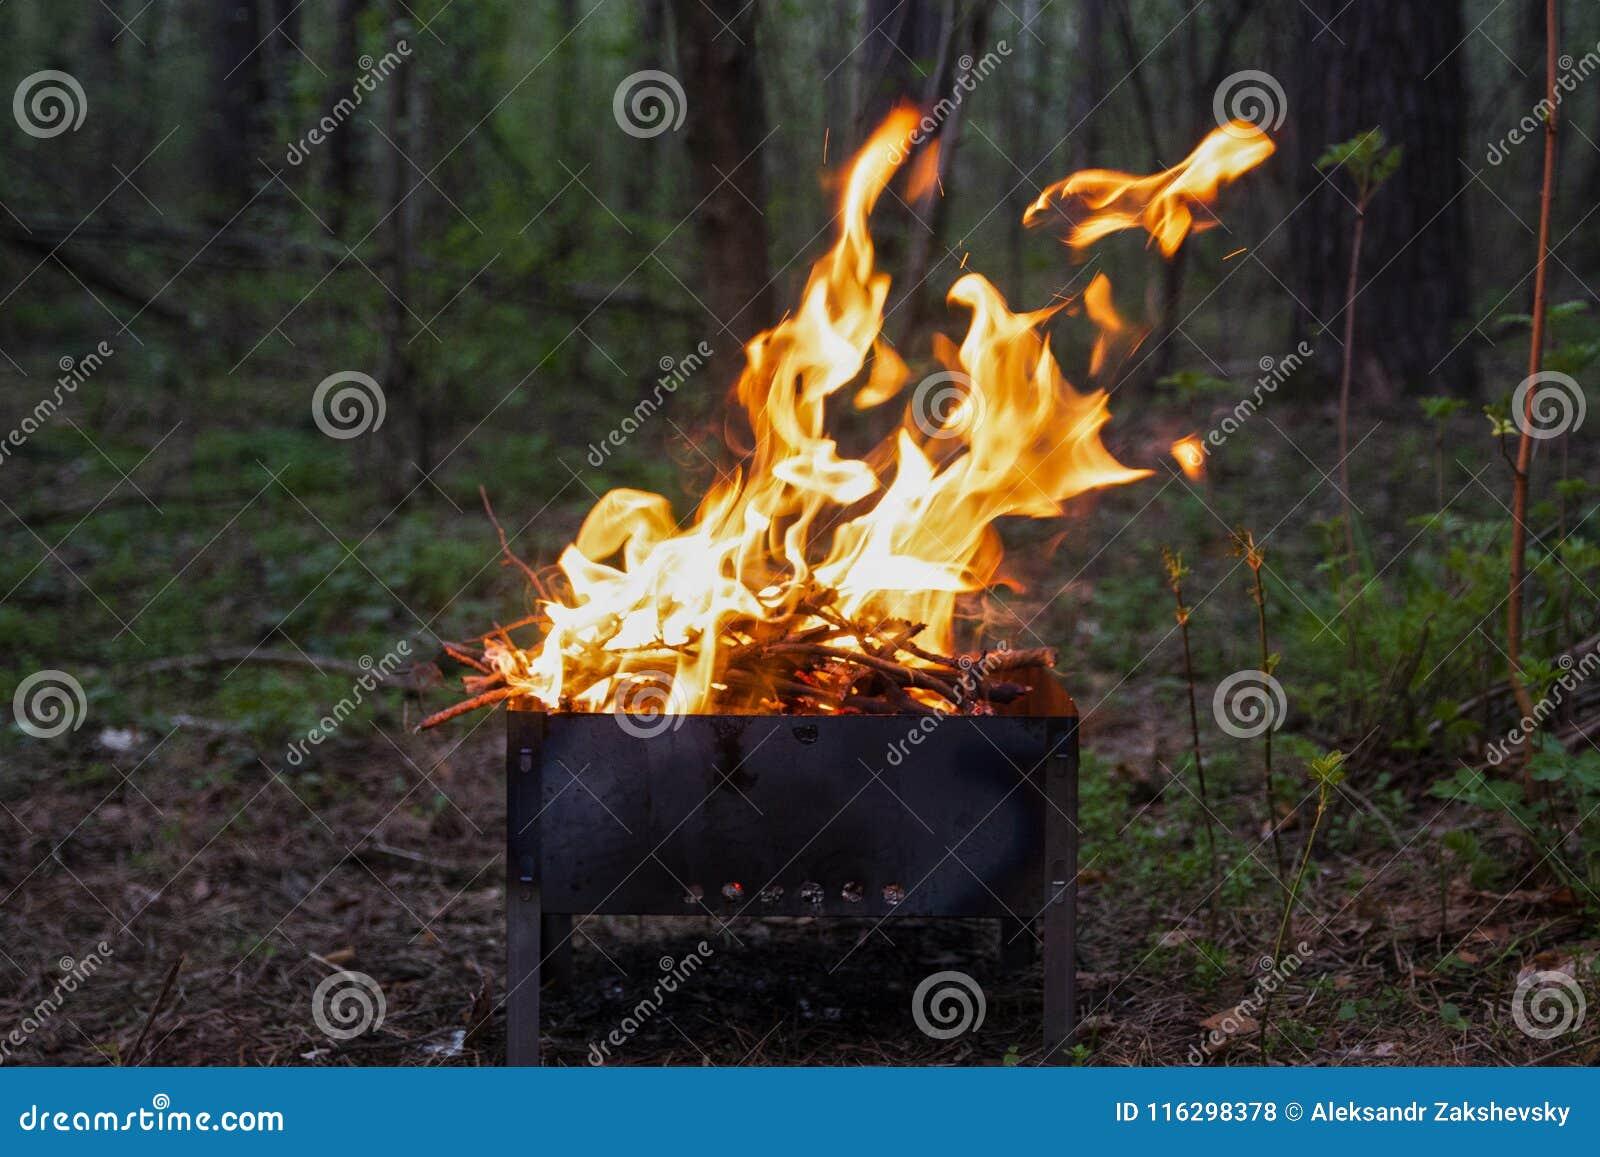 Φλόγα μιας πυρκαγιάς σε μια σχάρα σε ένα πράσινο δάσος